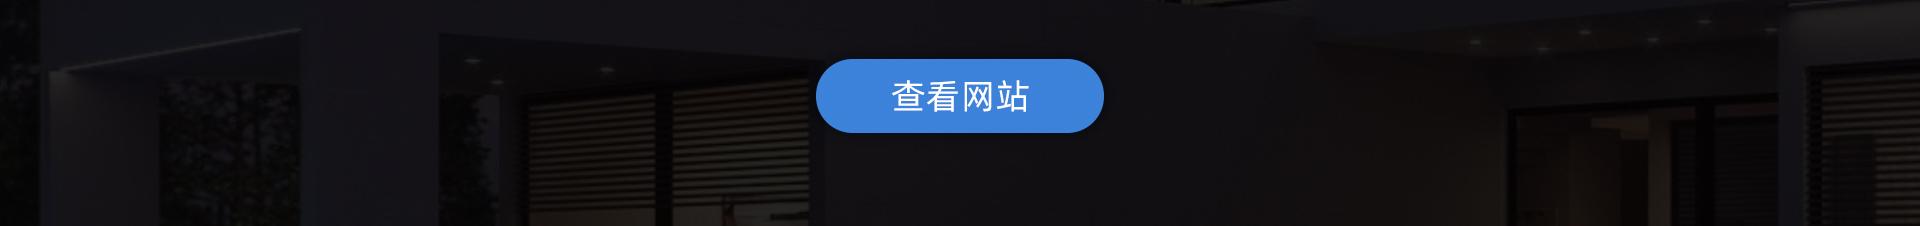 董俊-董俊-山西博悦电子_02